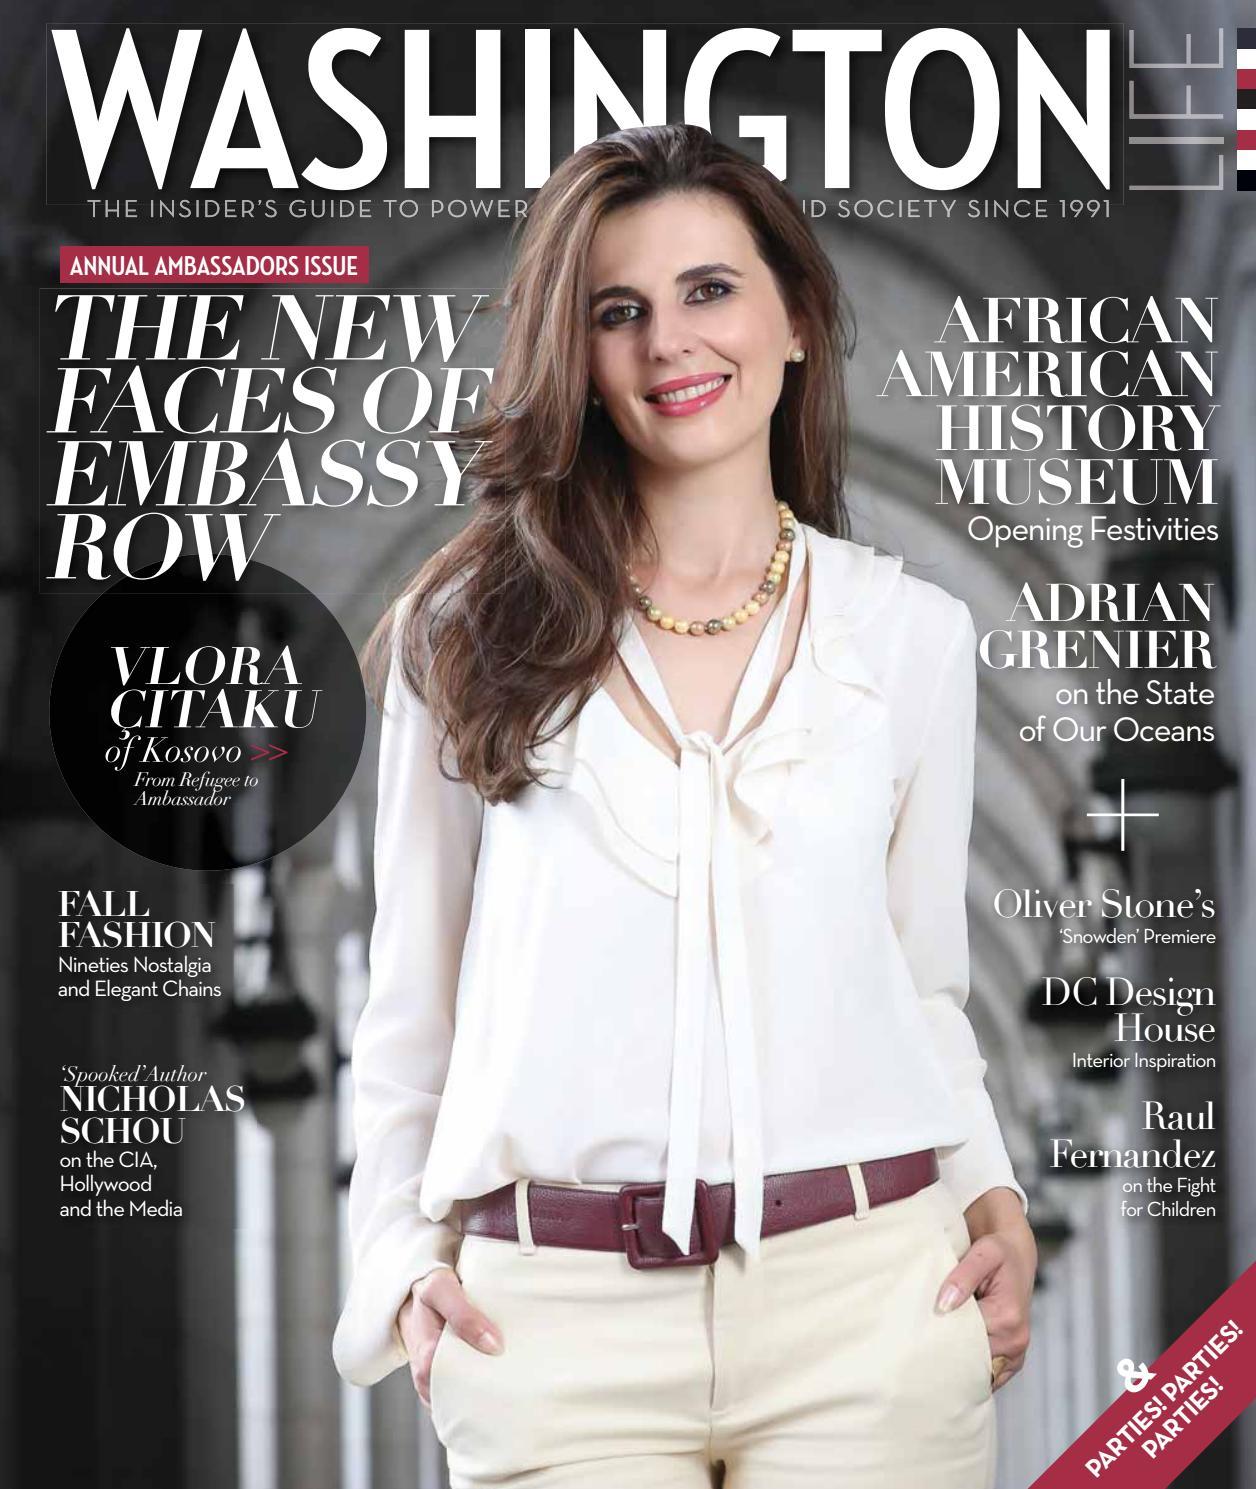 Washington Life Magazine - October 2016 by Washington Life Magazine - issuu